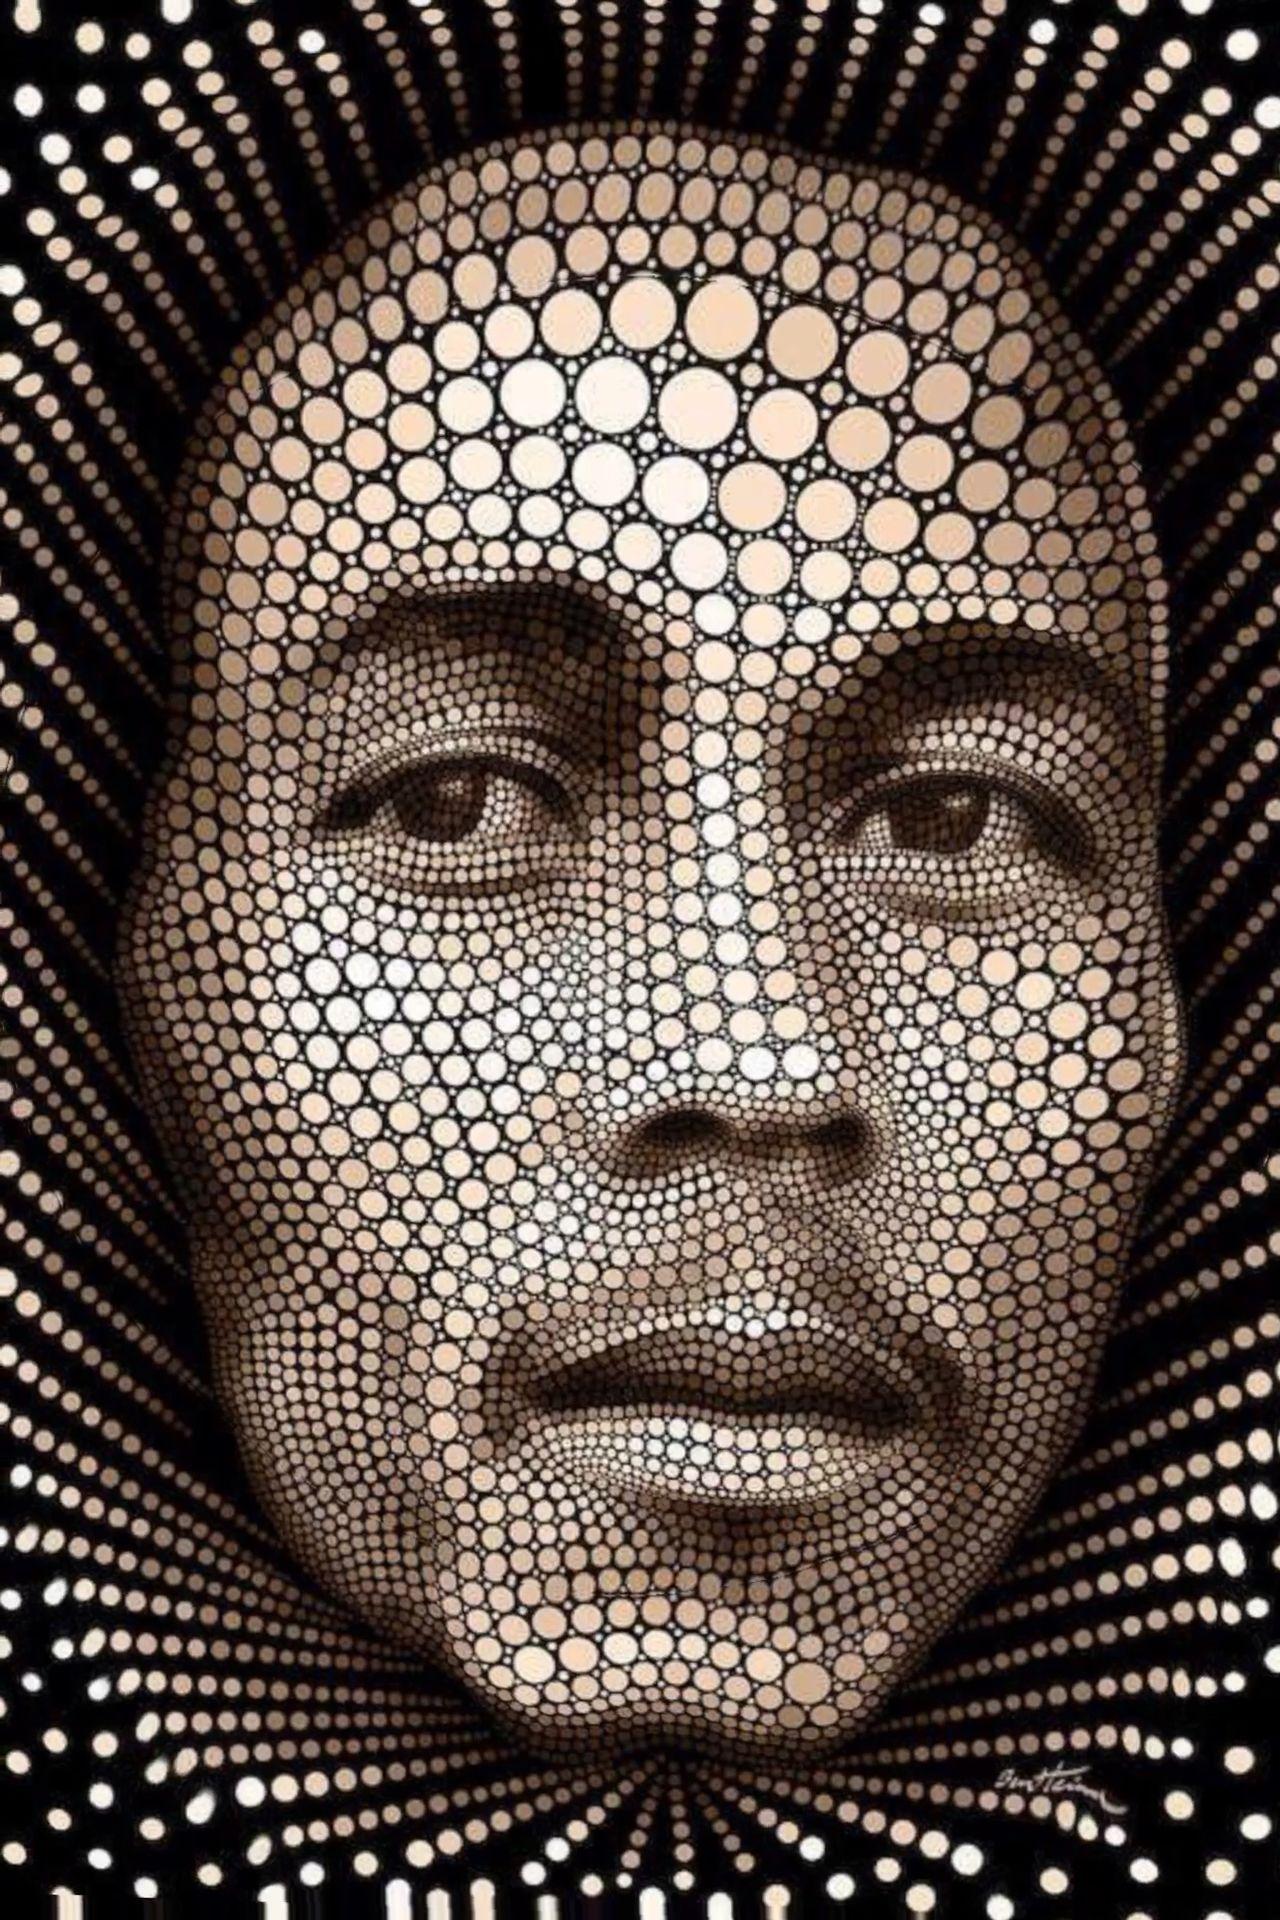 Bob Marley Digital Circlism